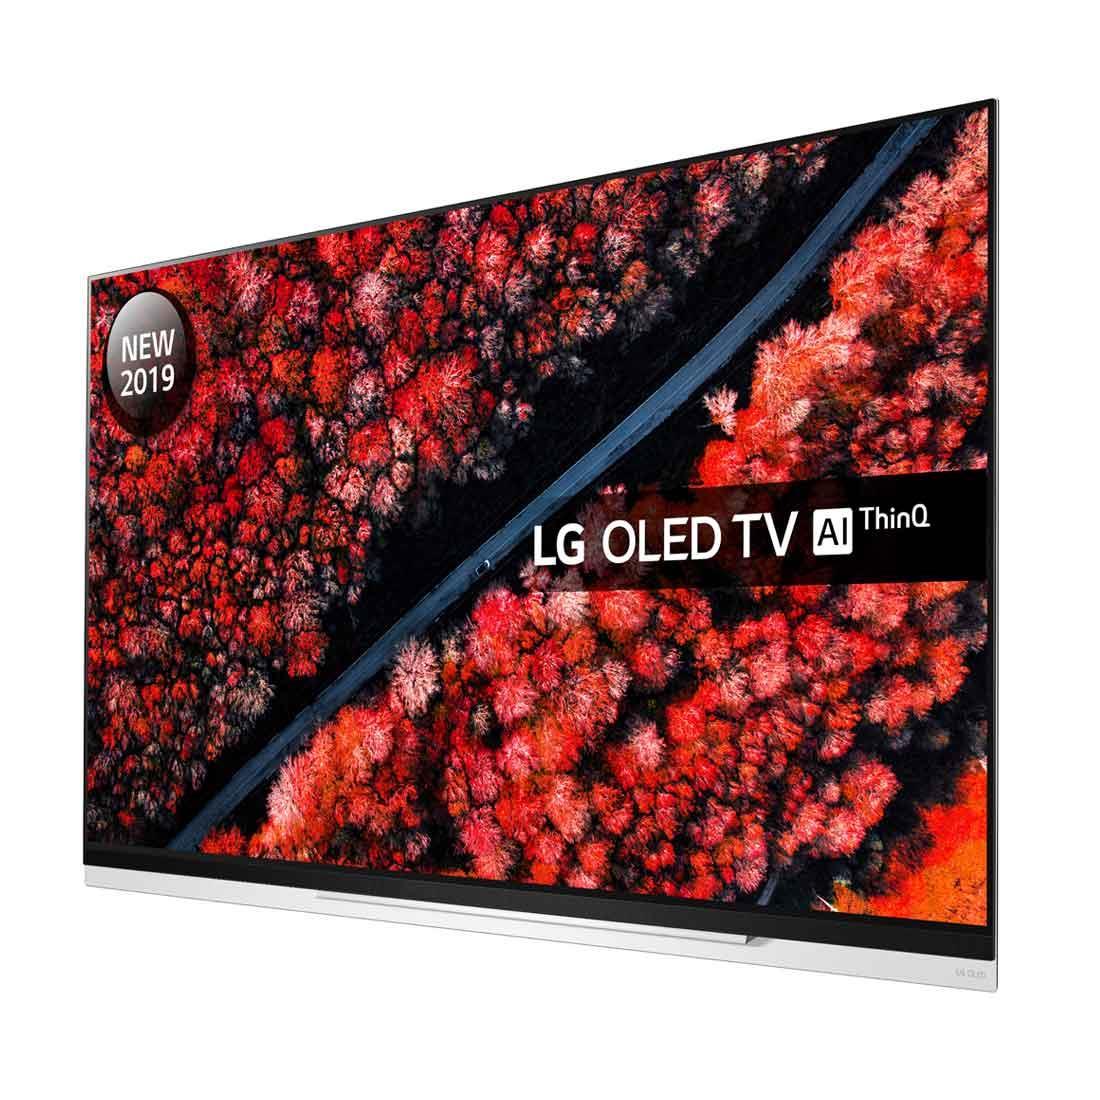 """LG OLED55E9PLA 55"""" 4K UHD OLED TV £1599 using £200 voucher - Free Sky TV Entertainment Package at Sevenoaks Sound for £1599"""